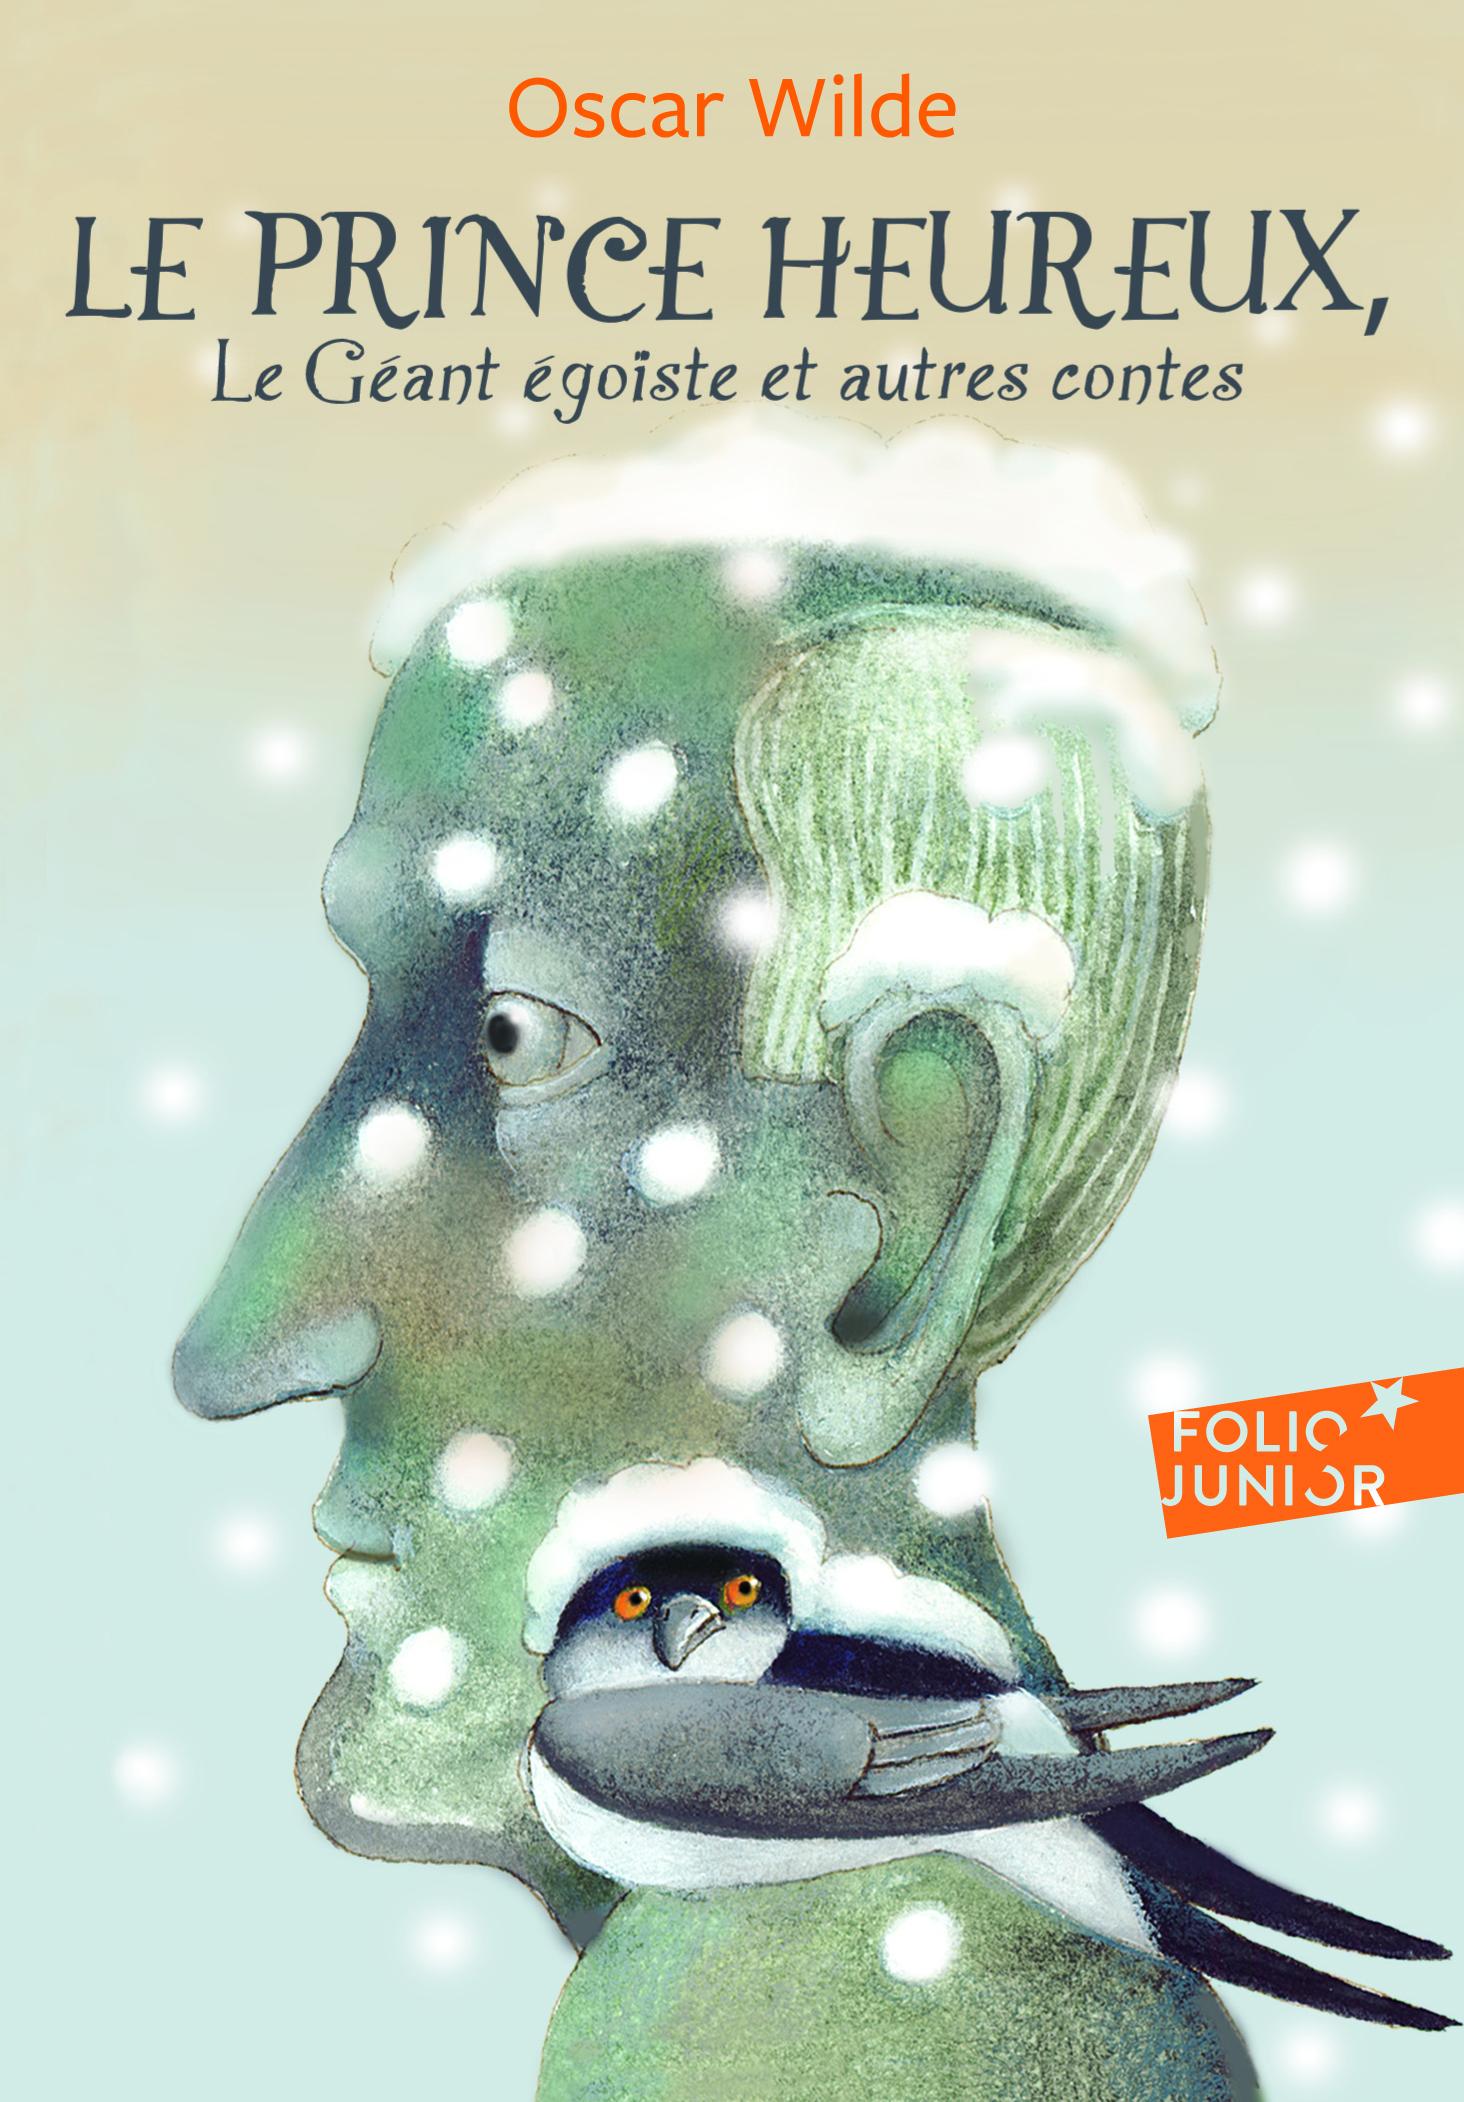 LE PRINCE HEUREUX / LE GEANT EGOISTE ET AUTRES CONTES